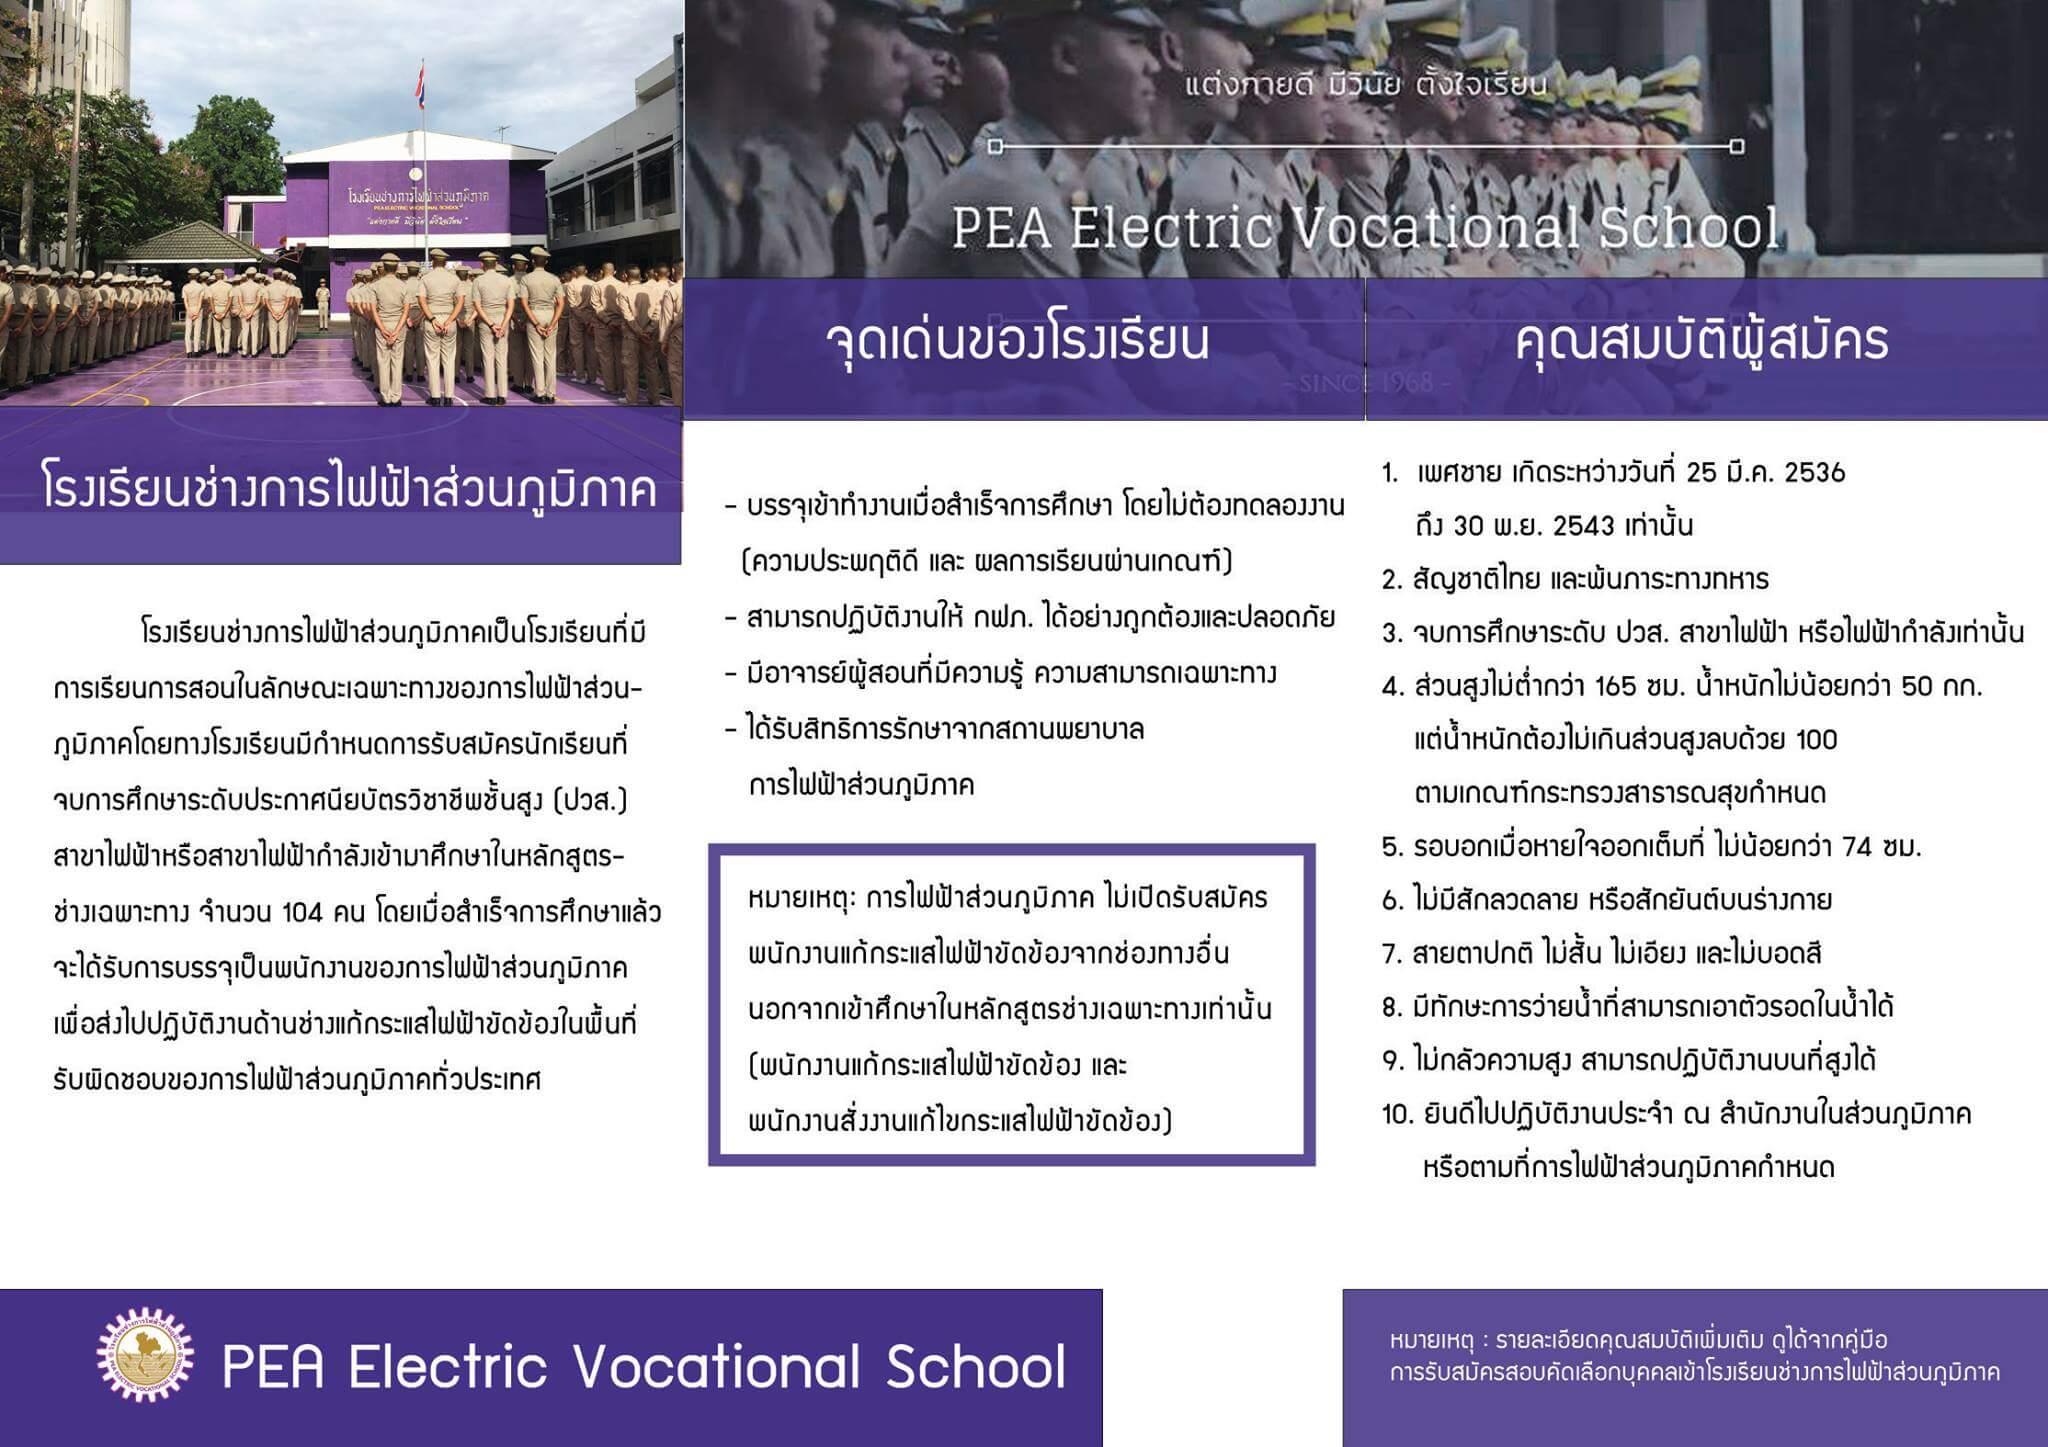 ติวสอบโรงเรียนช่างการไฟฟ้าส่วนภูมิภาค 2562